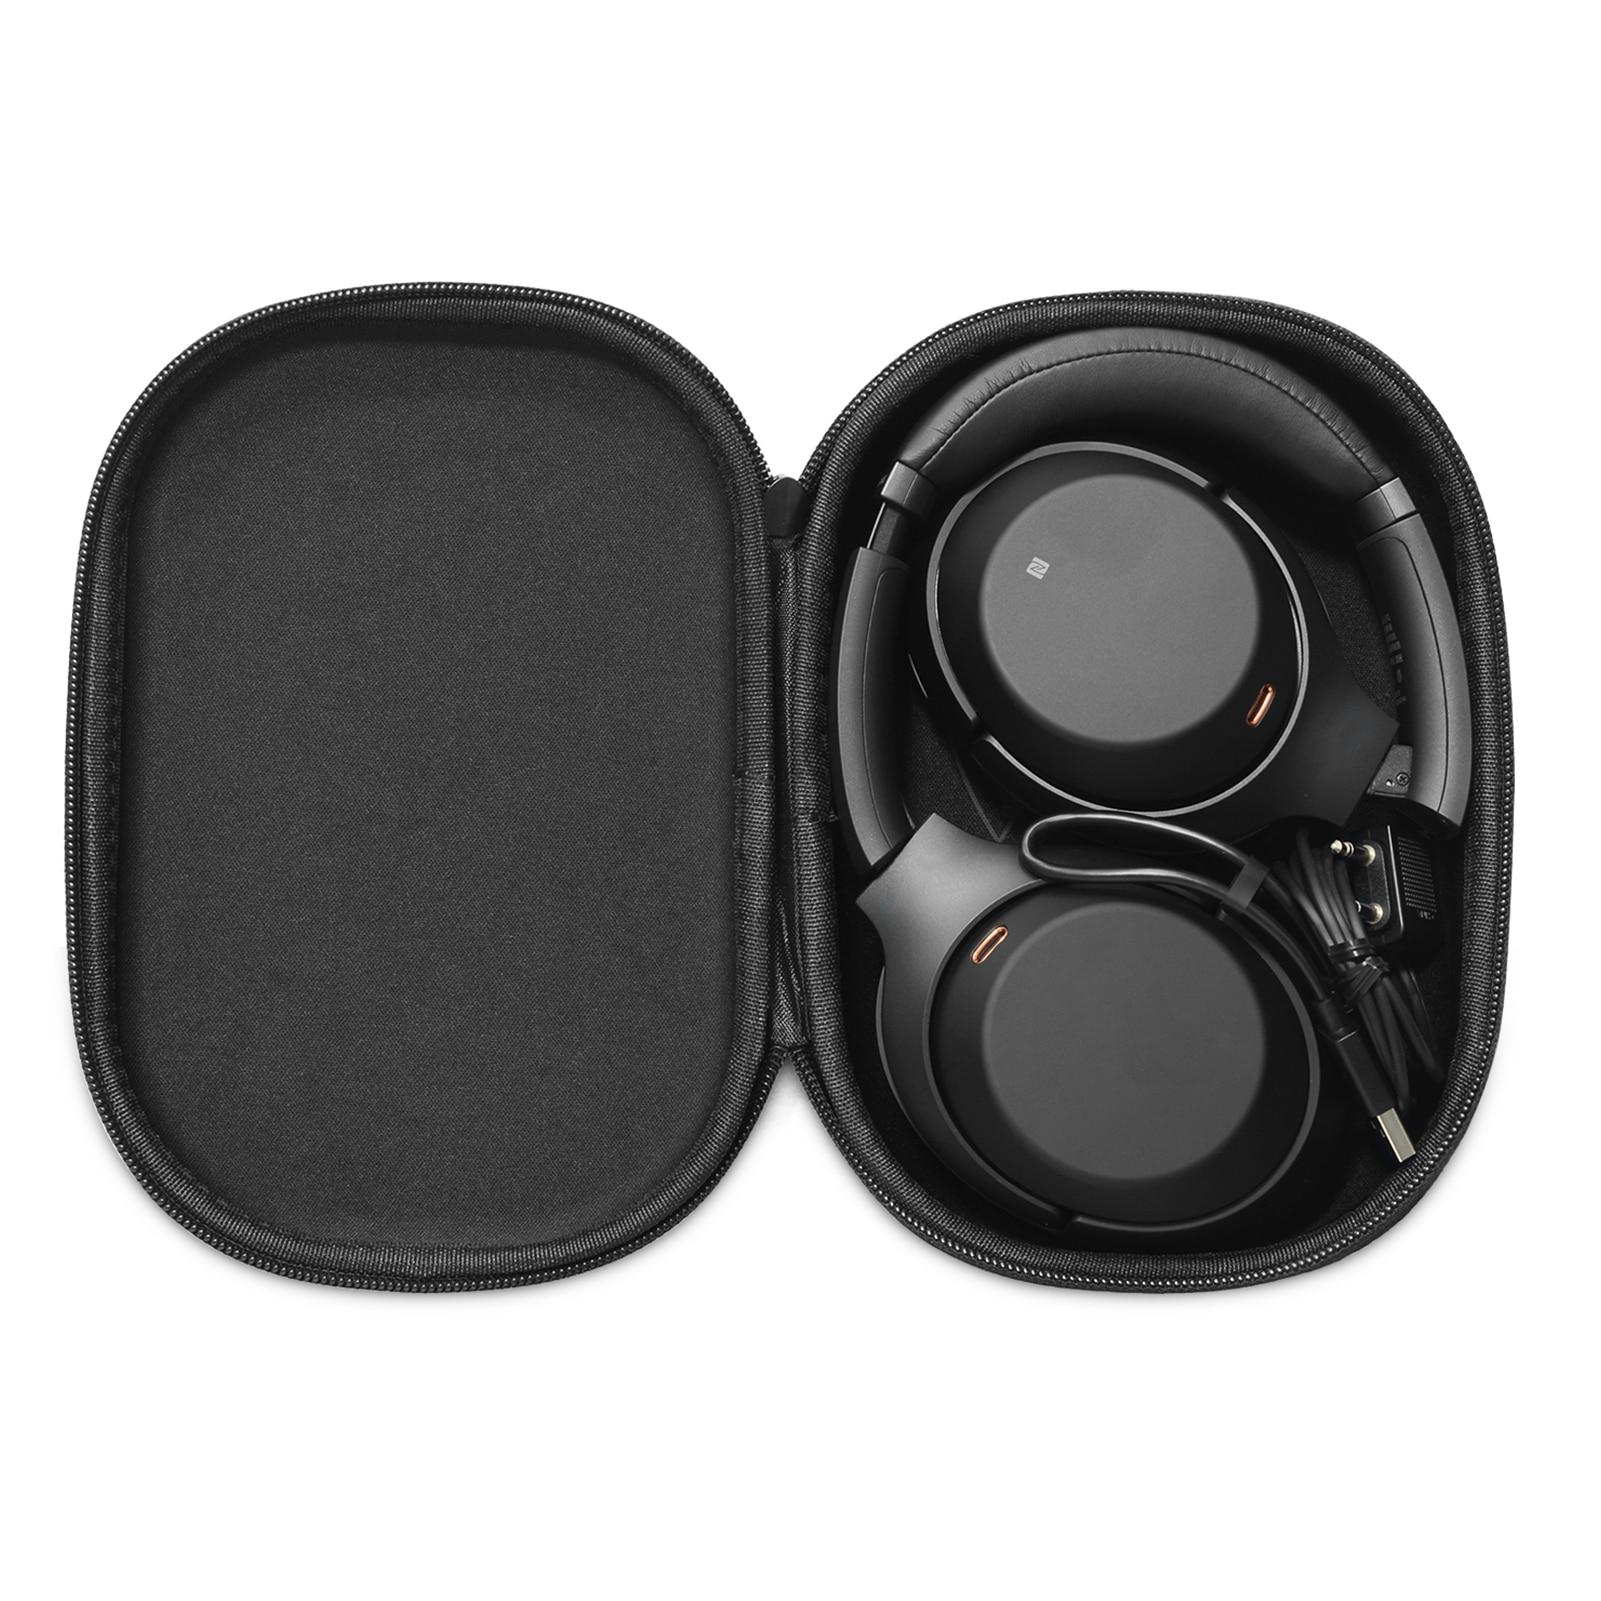 Bolsa de transporte de viaje EVA, carcasa de almacenamiento para Sony WH-1000XM3 auriculares inalámbricos con Bluetooth, novedad de 2020